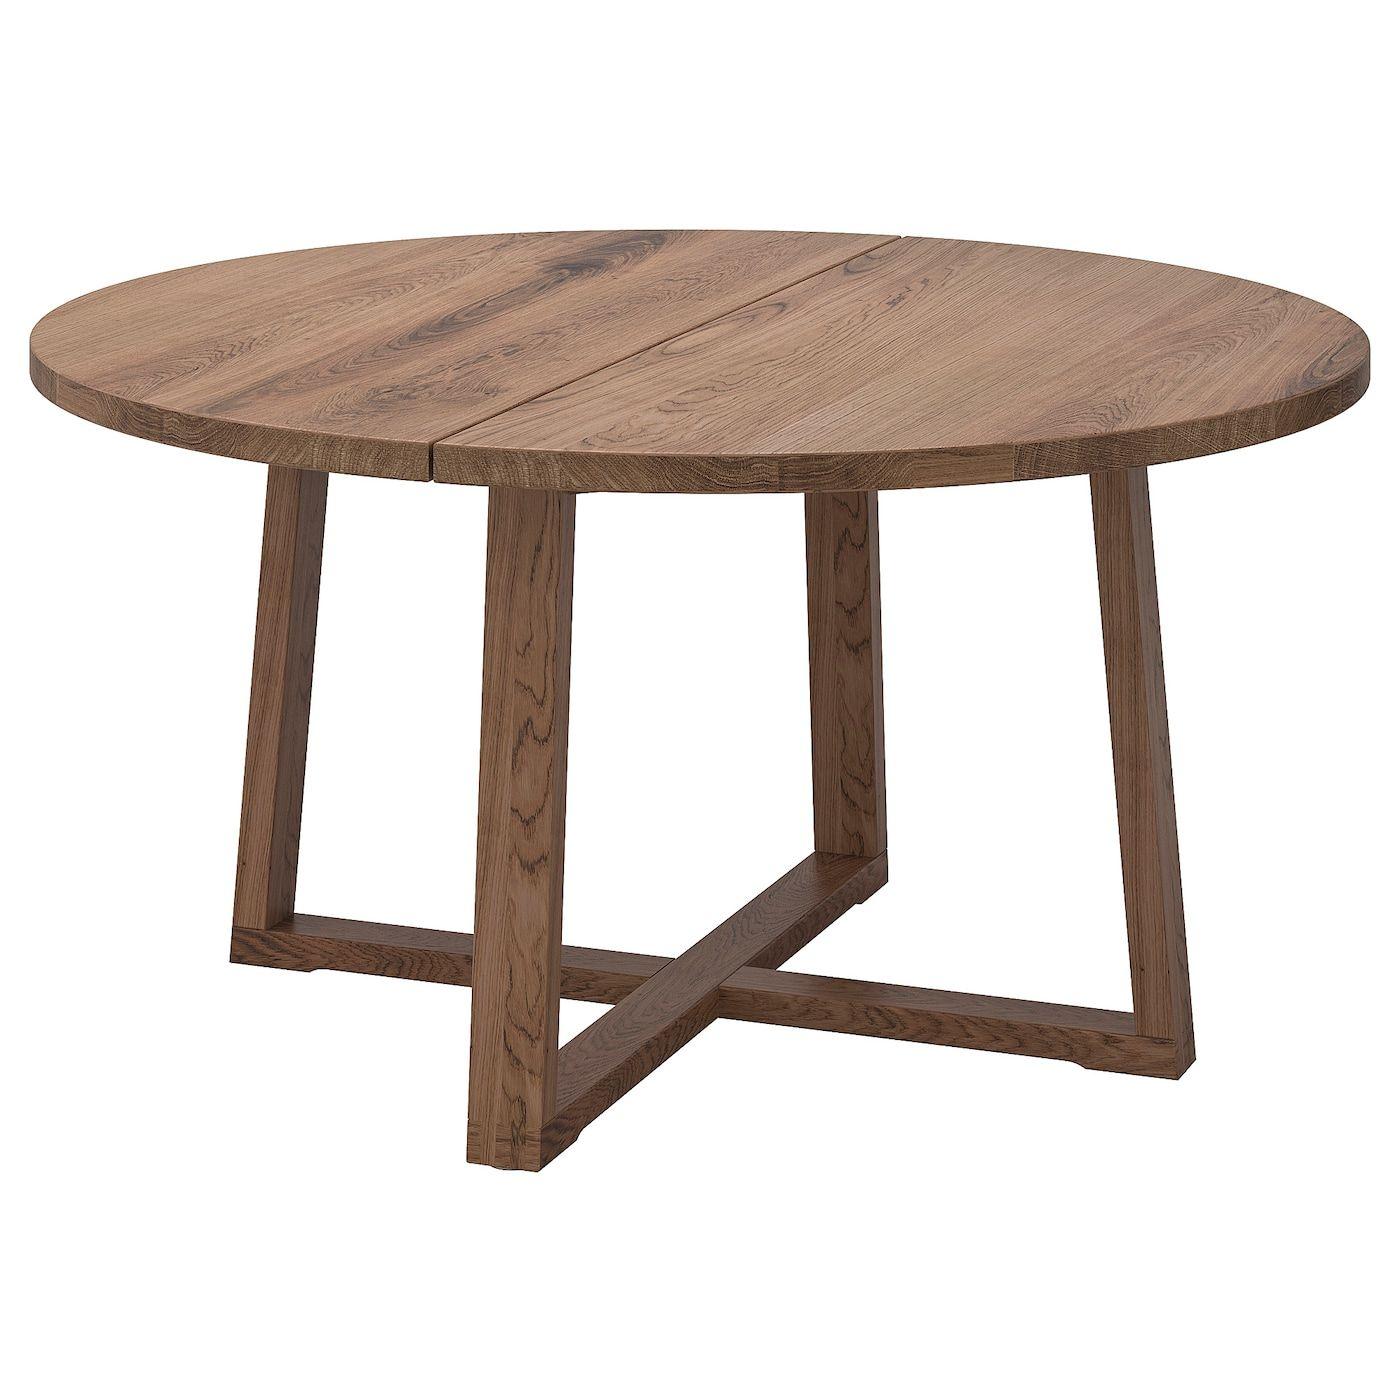 Morbylanga Table Oak Veneer Brown Stained Length 57 1 8 Ikea Ikea Coffee Table Dining Table Coffee Table Wood [ 1400 x 1400 Pixel ]